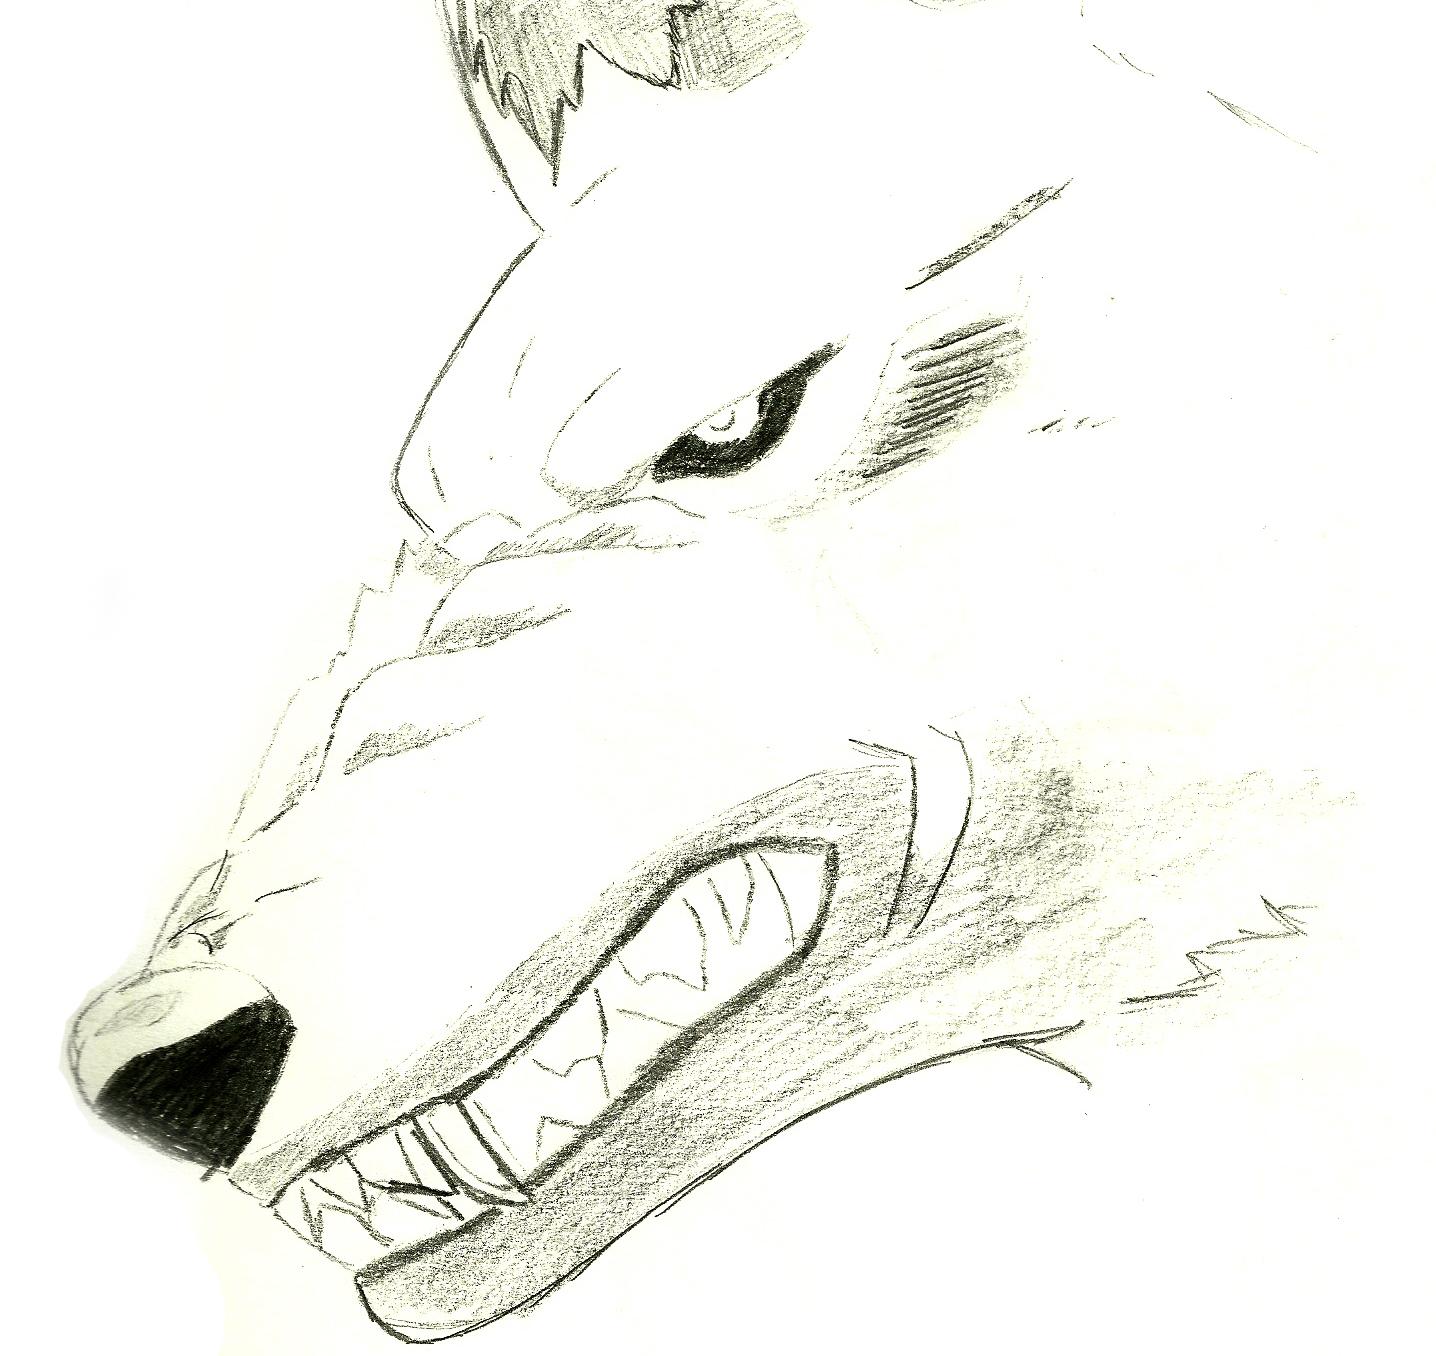 http://2.bp.blogspot.com/-4yn86ZWVUSY/TVglVTUQrAI/AAAAAAAAAAk/rJ7BQK_t9dc/s1600/Wolfs+face.jpg